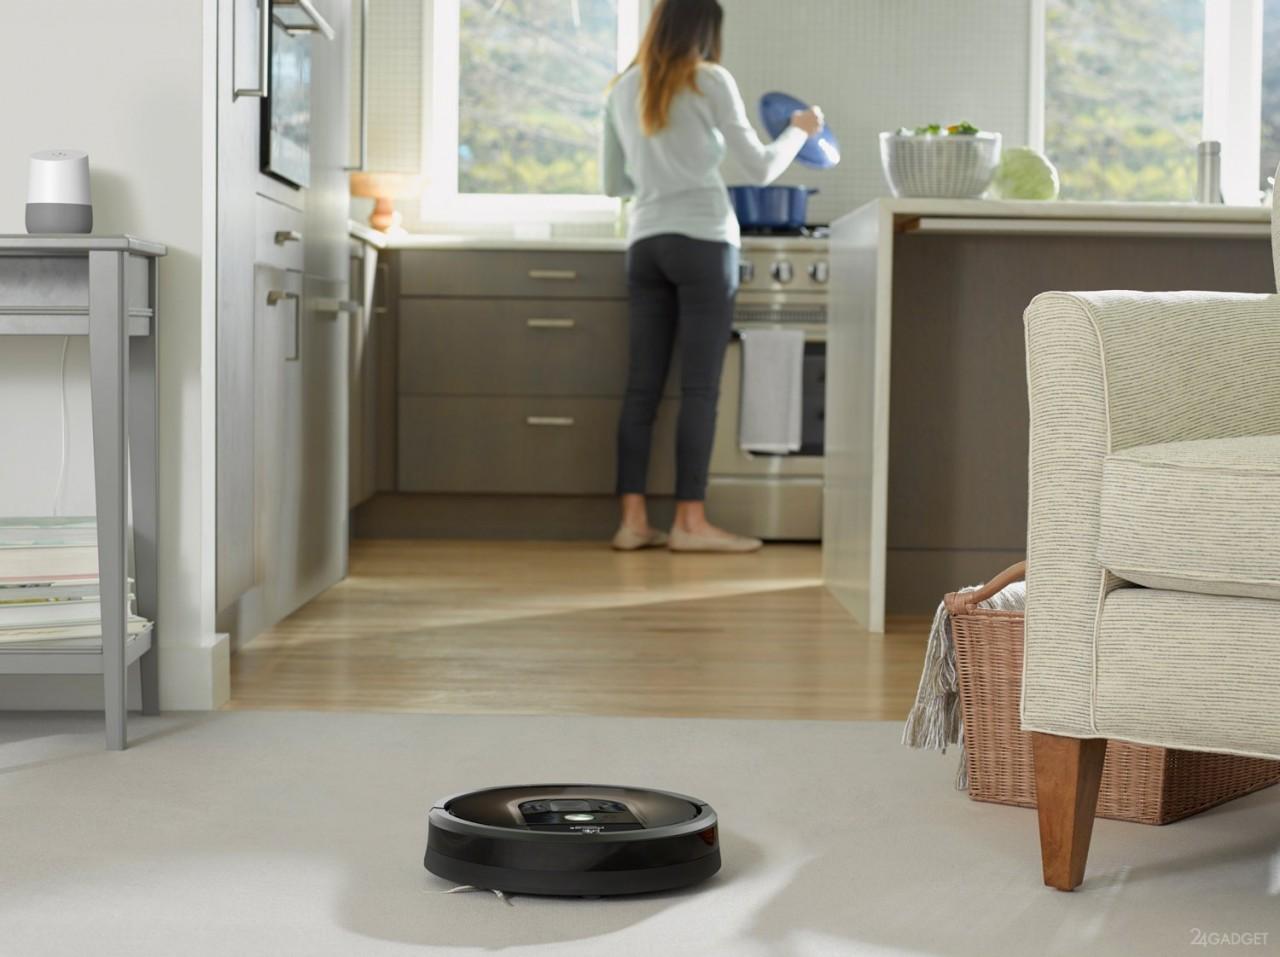 Робот-пылесос Roomba превратится в шпионящего помощника